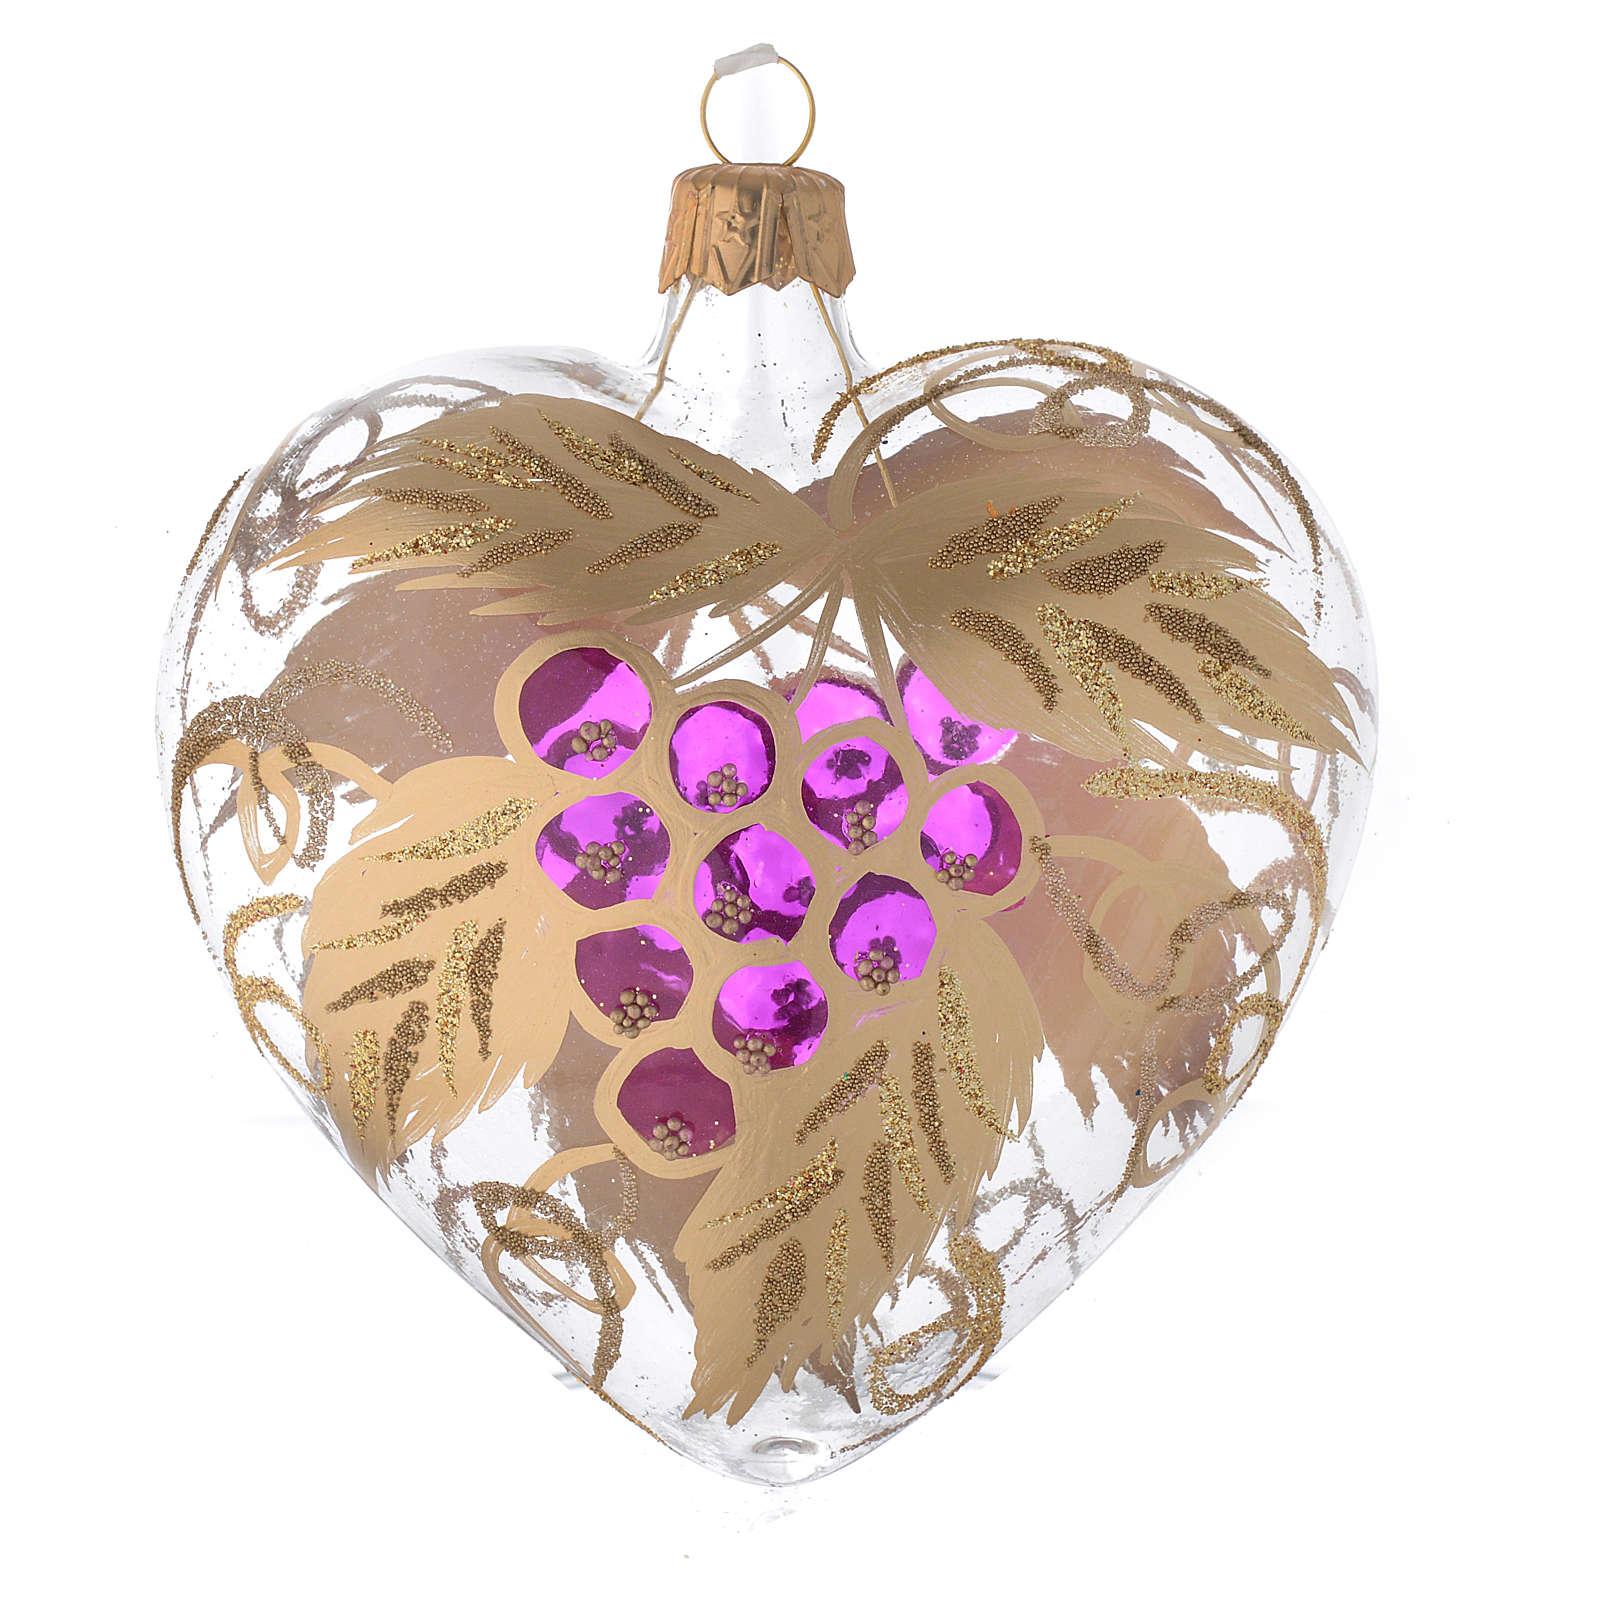 Bombka bożonarodzeniowa w kształcie serca szkło dekoracje winogrona 100mm 4